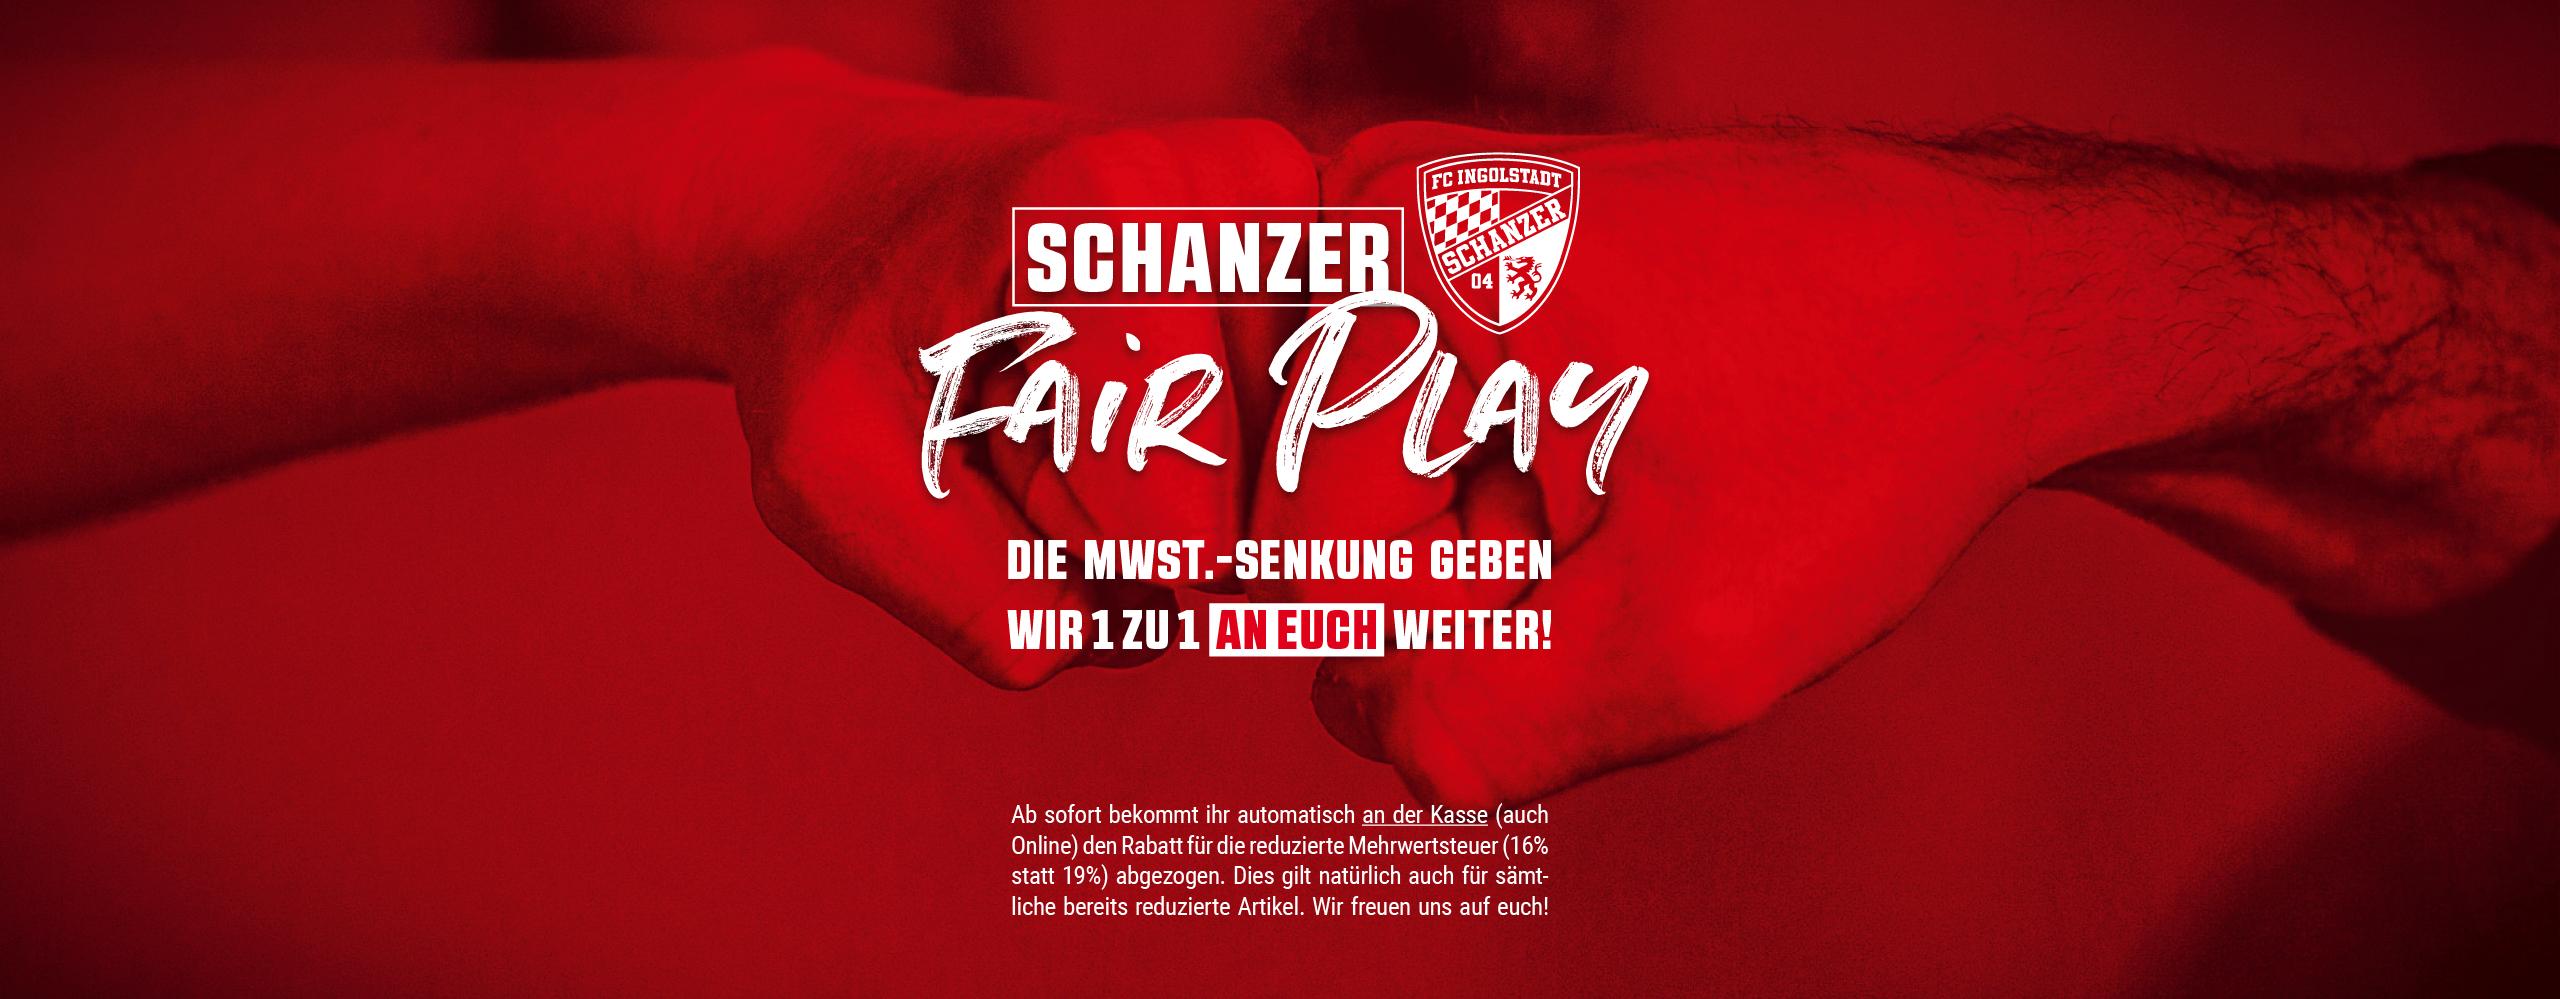 SCHANZER Fair Play